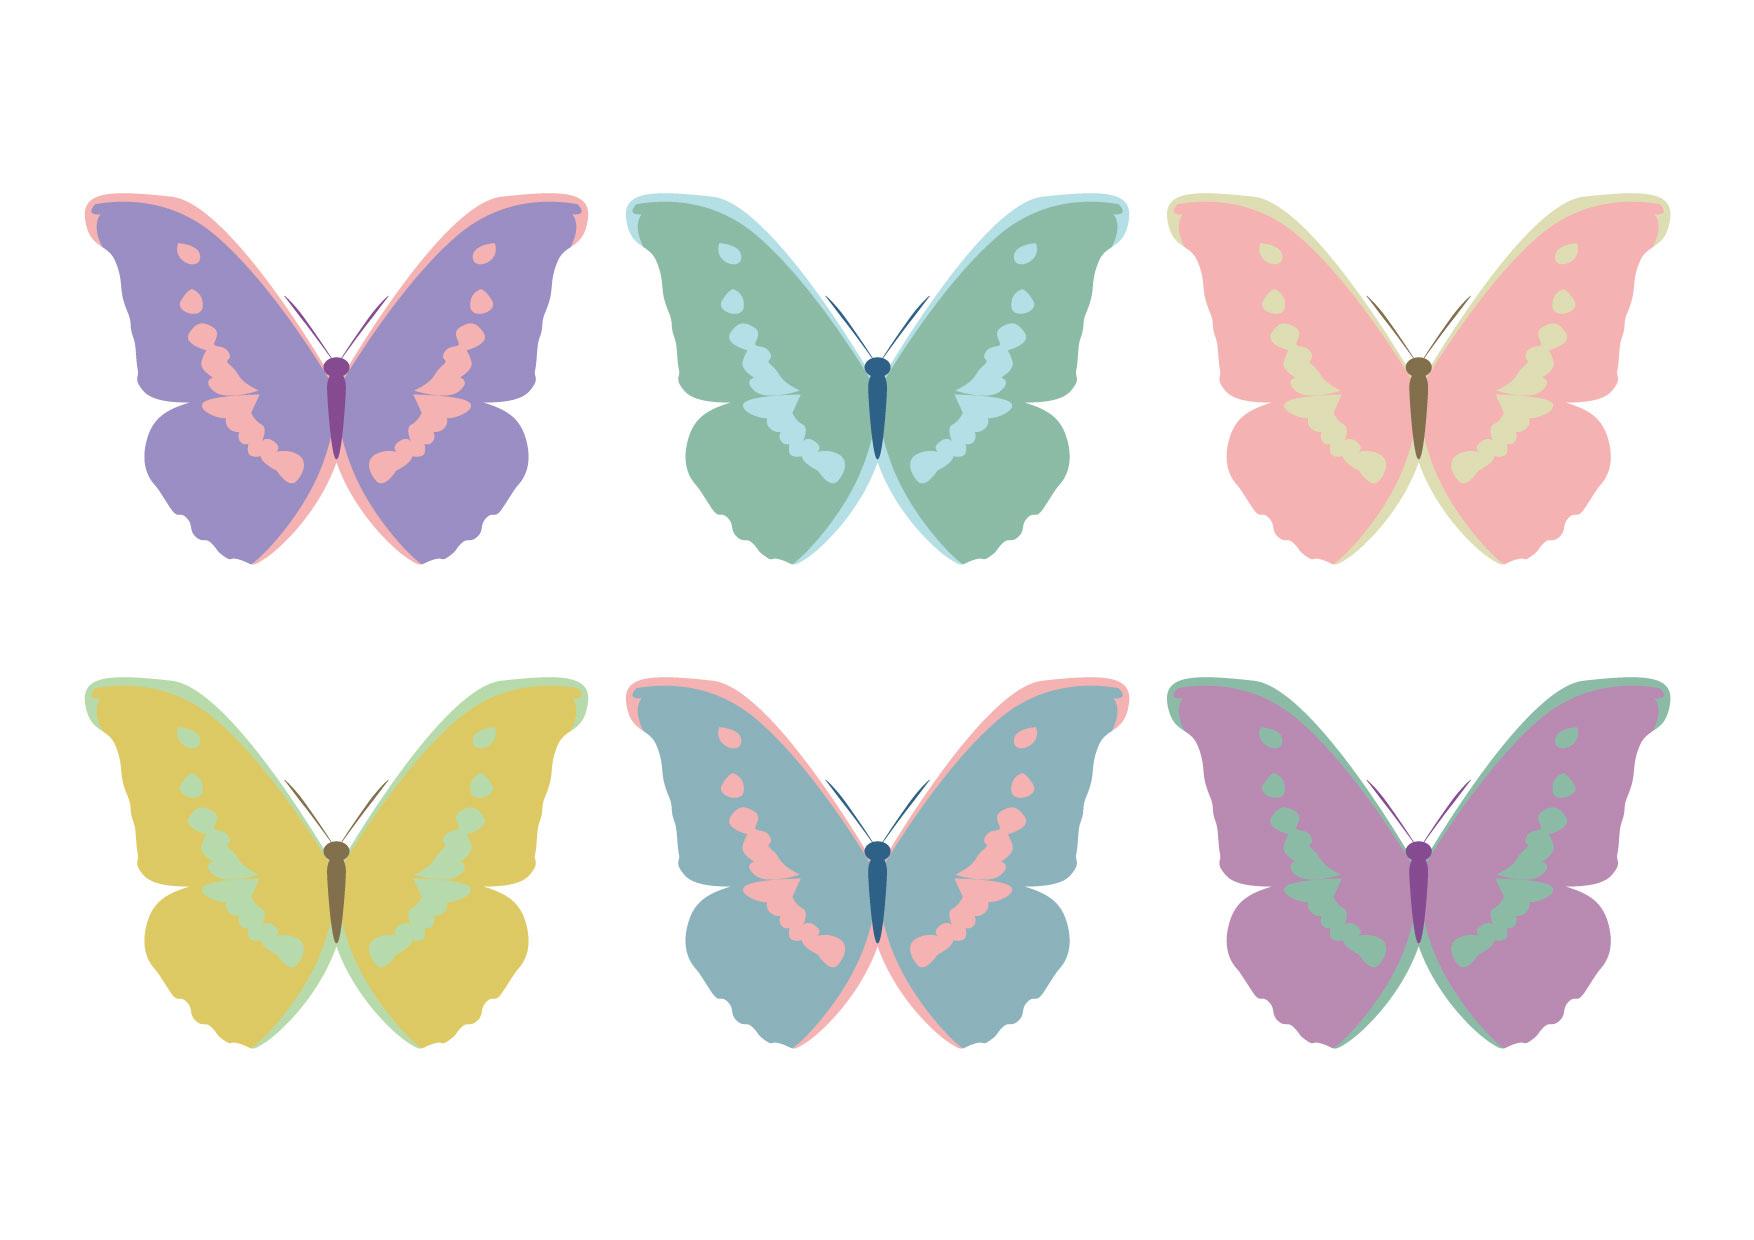 可愛いイラスト無料|蝶 6匹 ガーリー − free illustration 6 butterflies butterflies